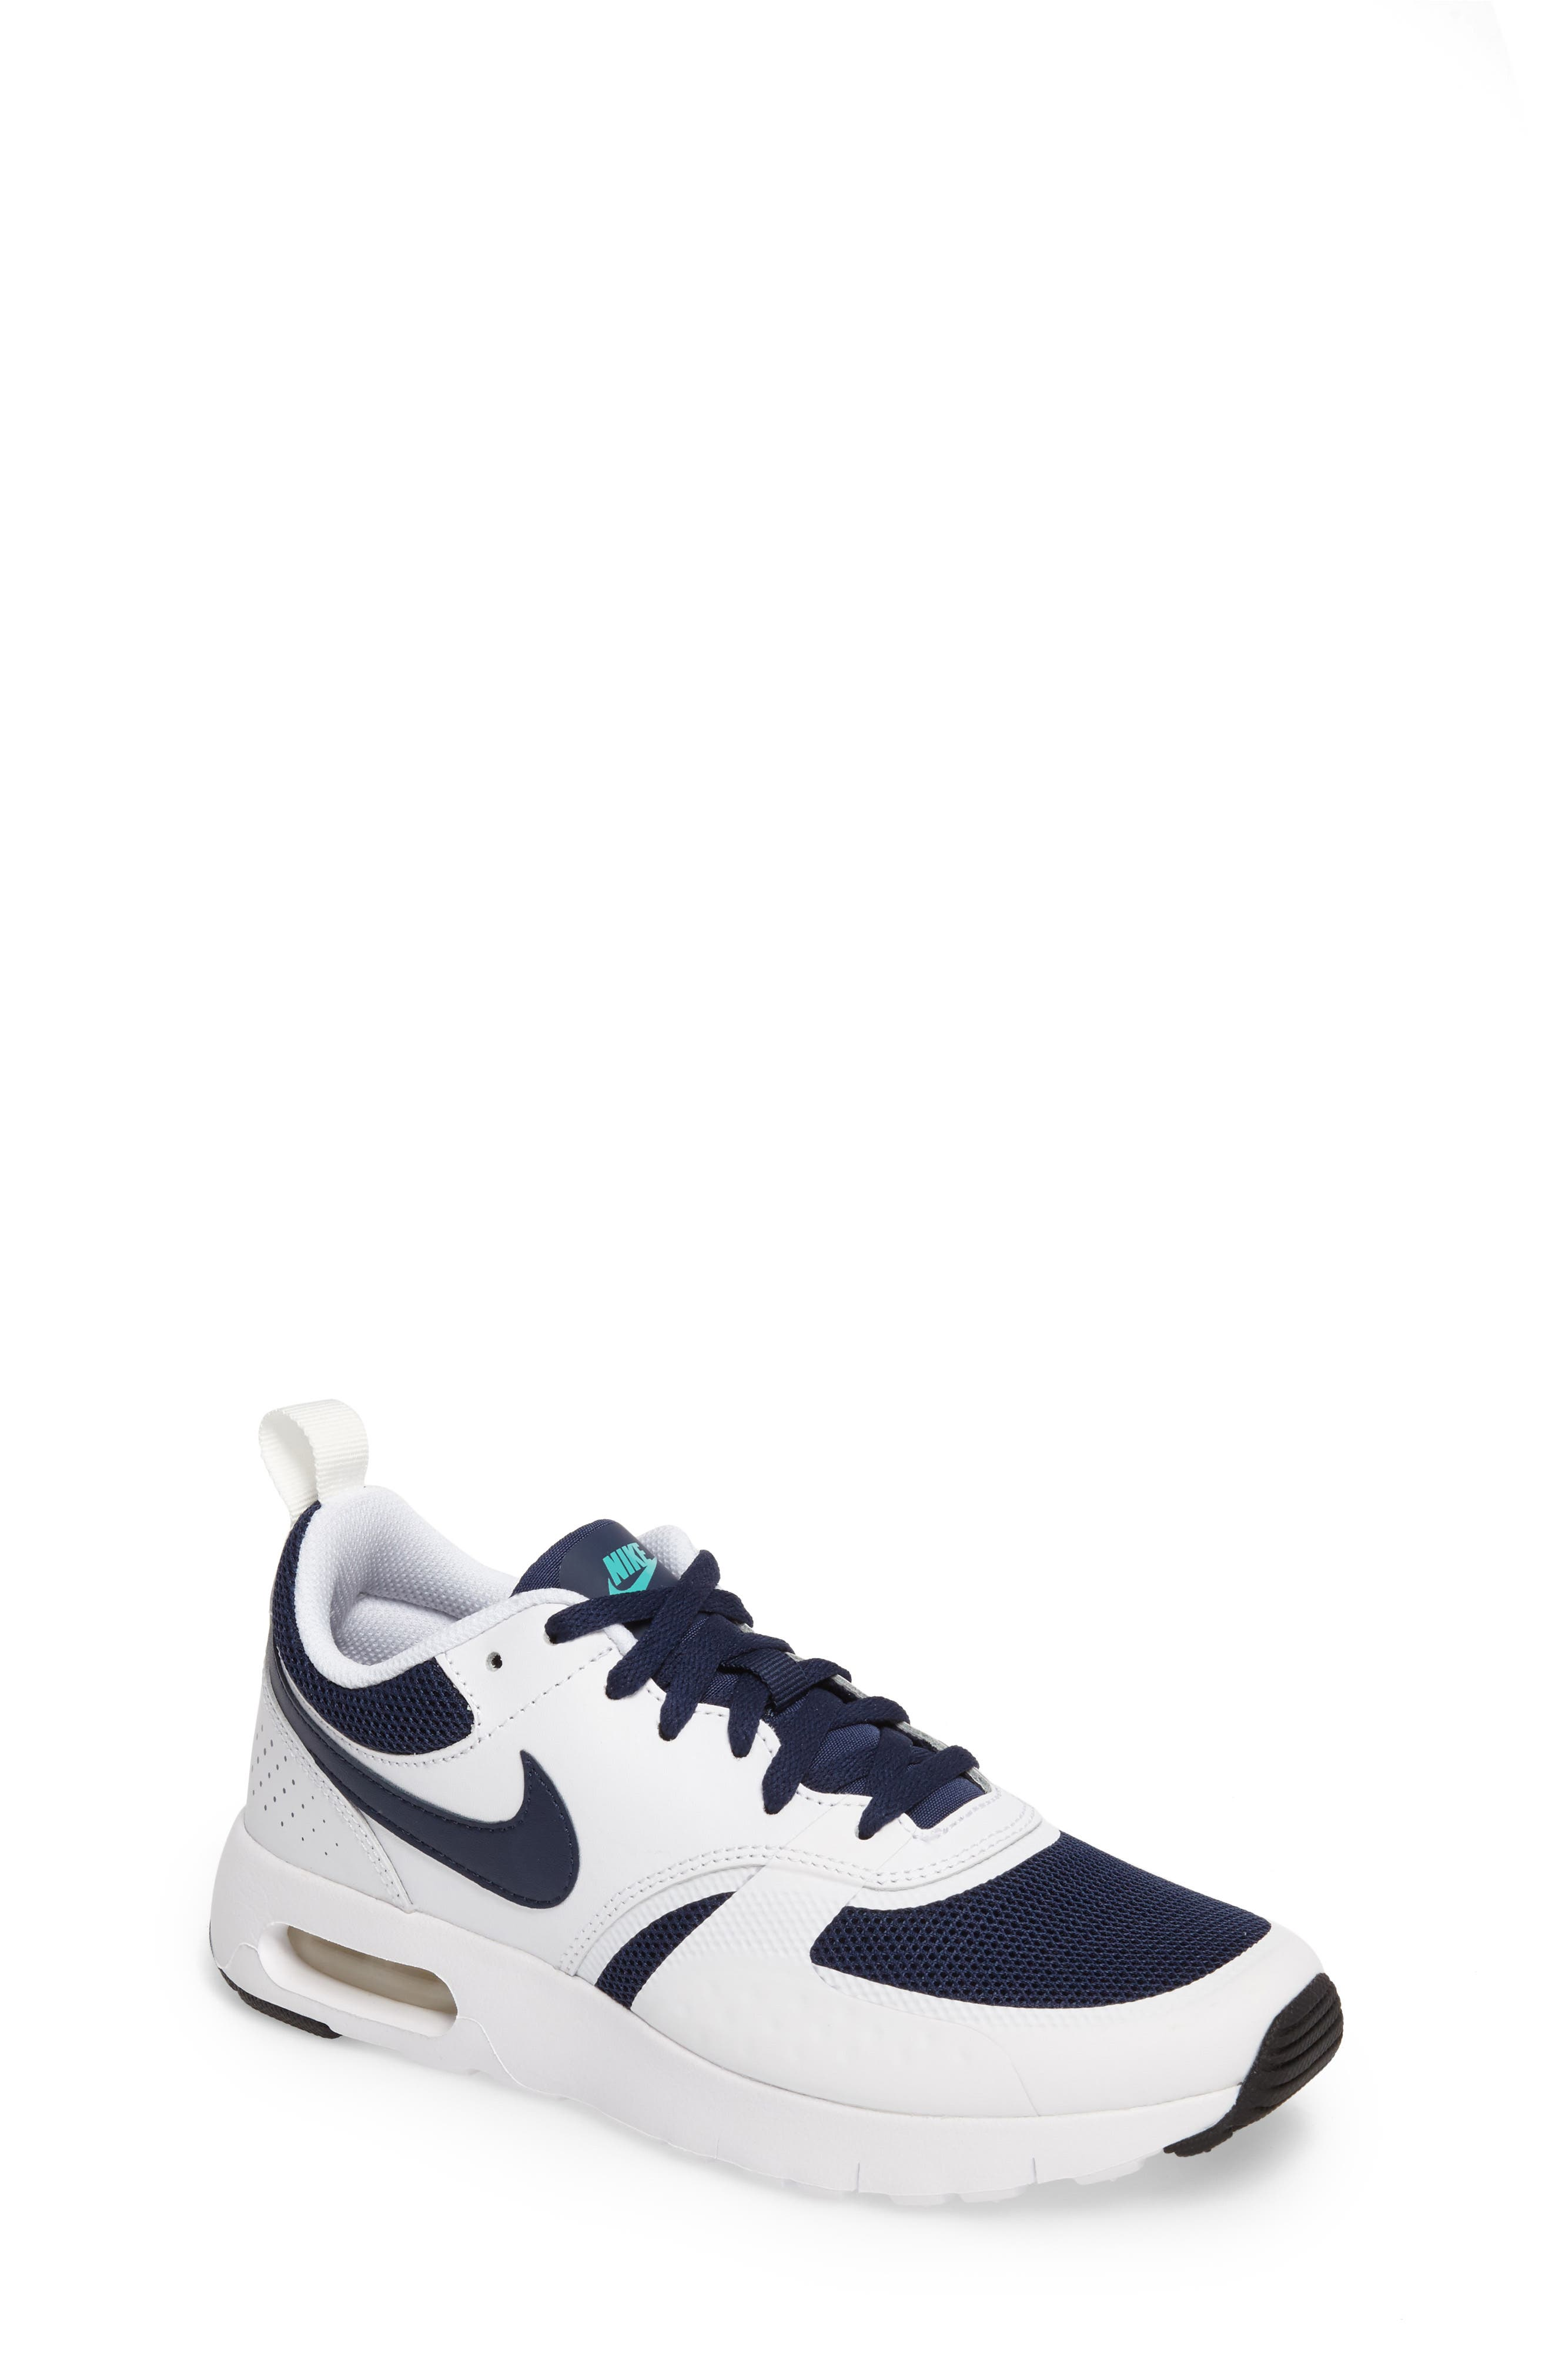 Nike Air Max Vision GS Sneaker (Big Kid)